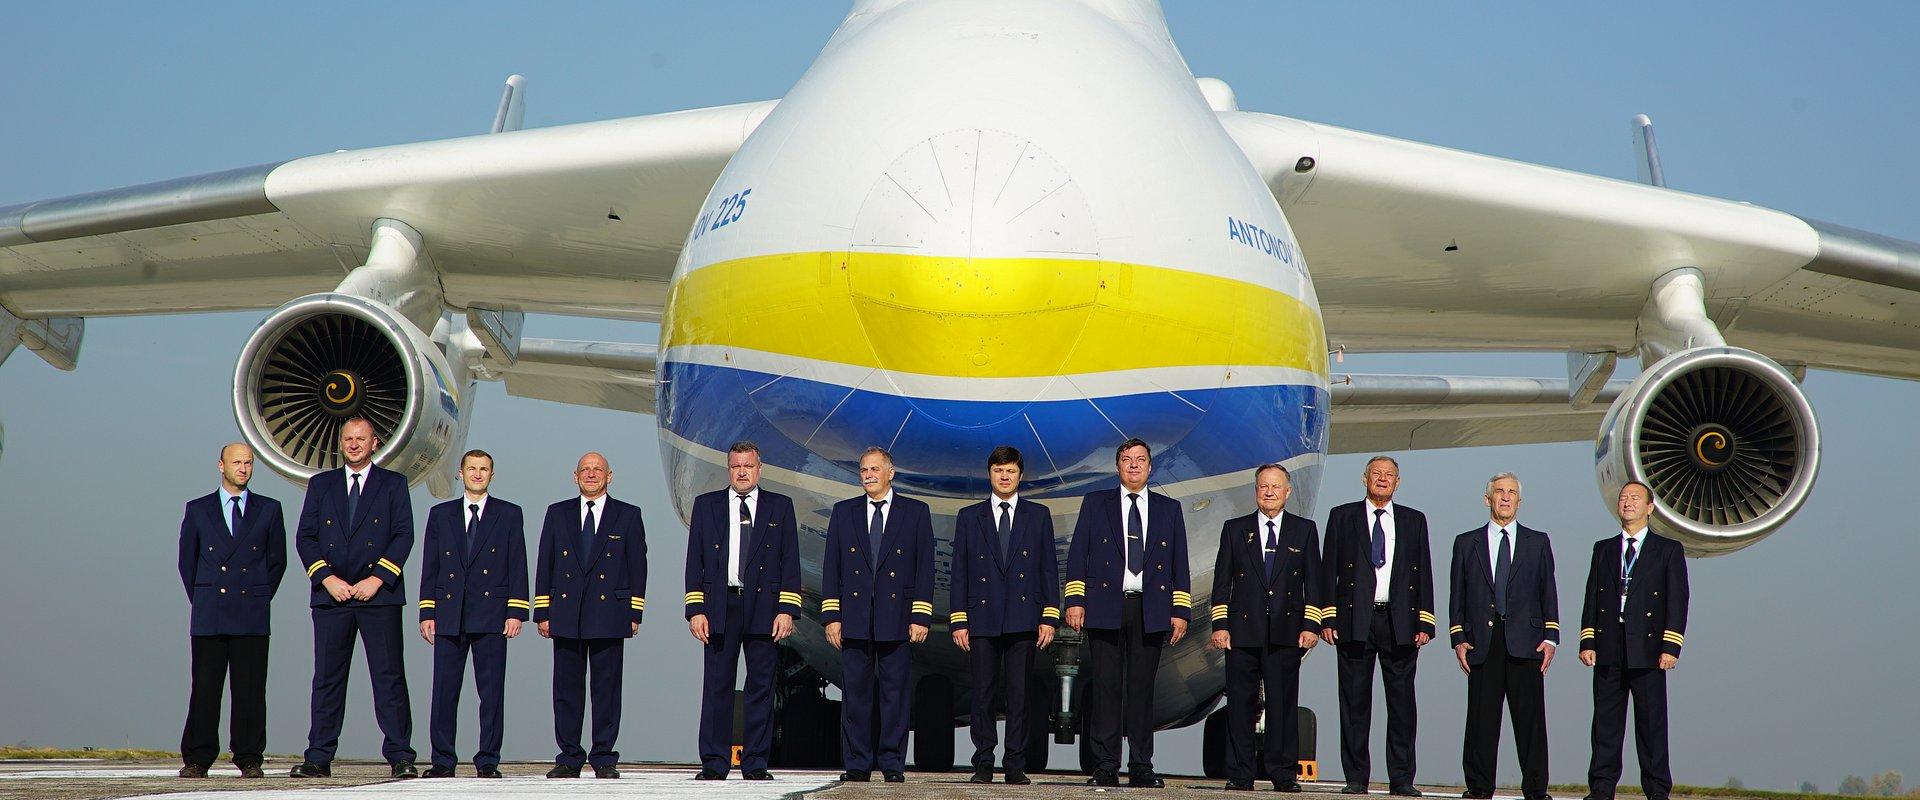 """Największy samolot, najsprawniejsza fabryka, najwyższy budynek, najbardziej niezwykły statek – kanał National Geographic rozłoży """"Superkonstrukcje"""" na najdrobniejsze części"""